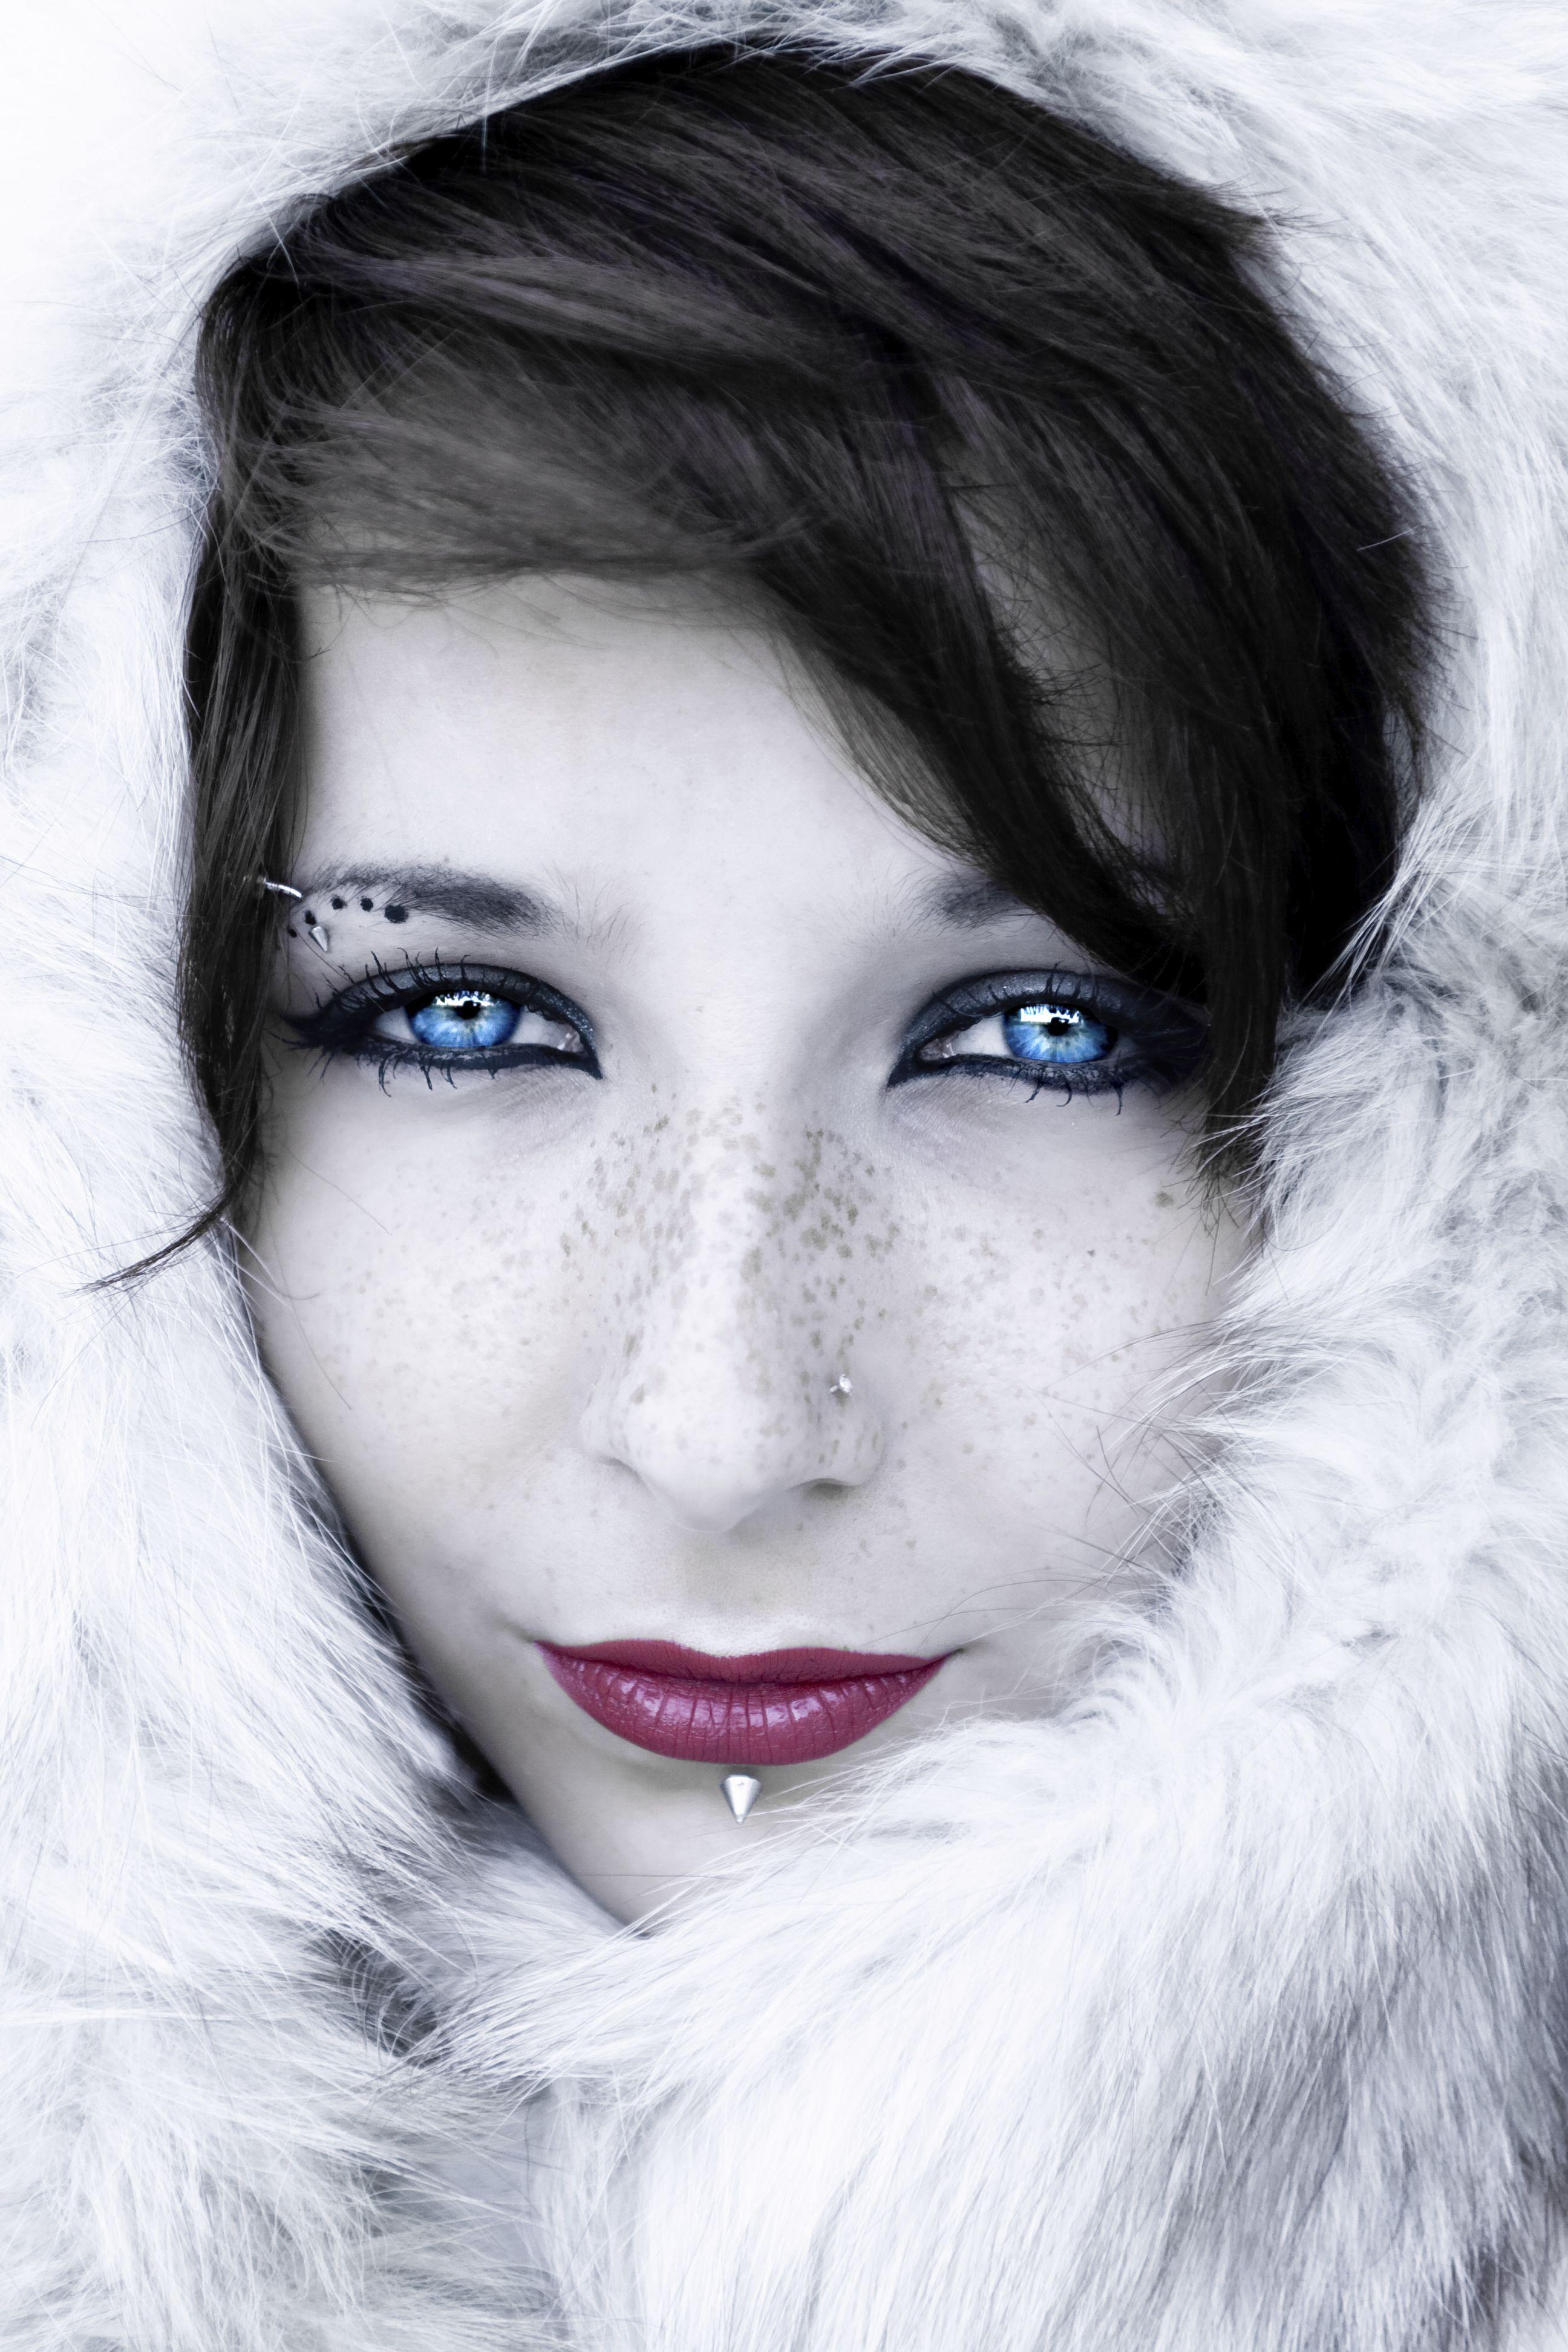 Fun Eyebrow Jewelry For Your Eyebrow Piercing Eyebrow Jewelry